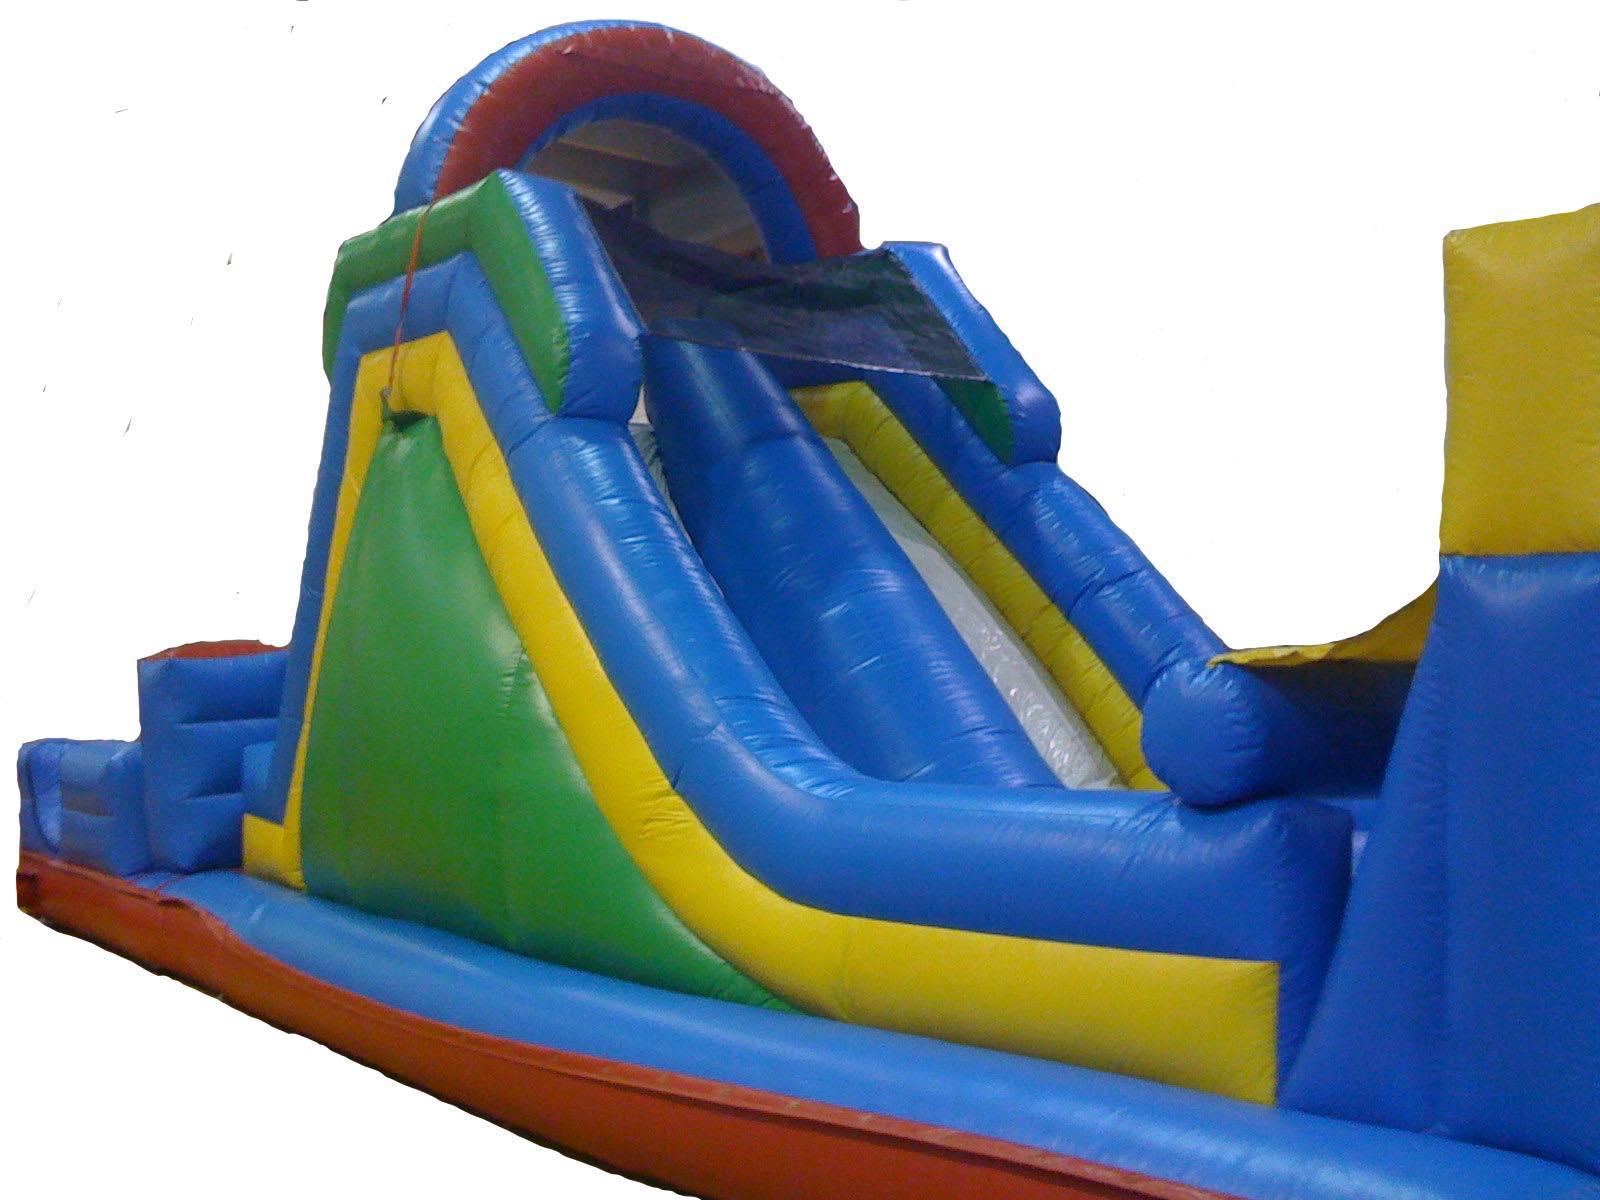 Adrenaline Rush Slide.jpg